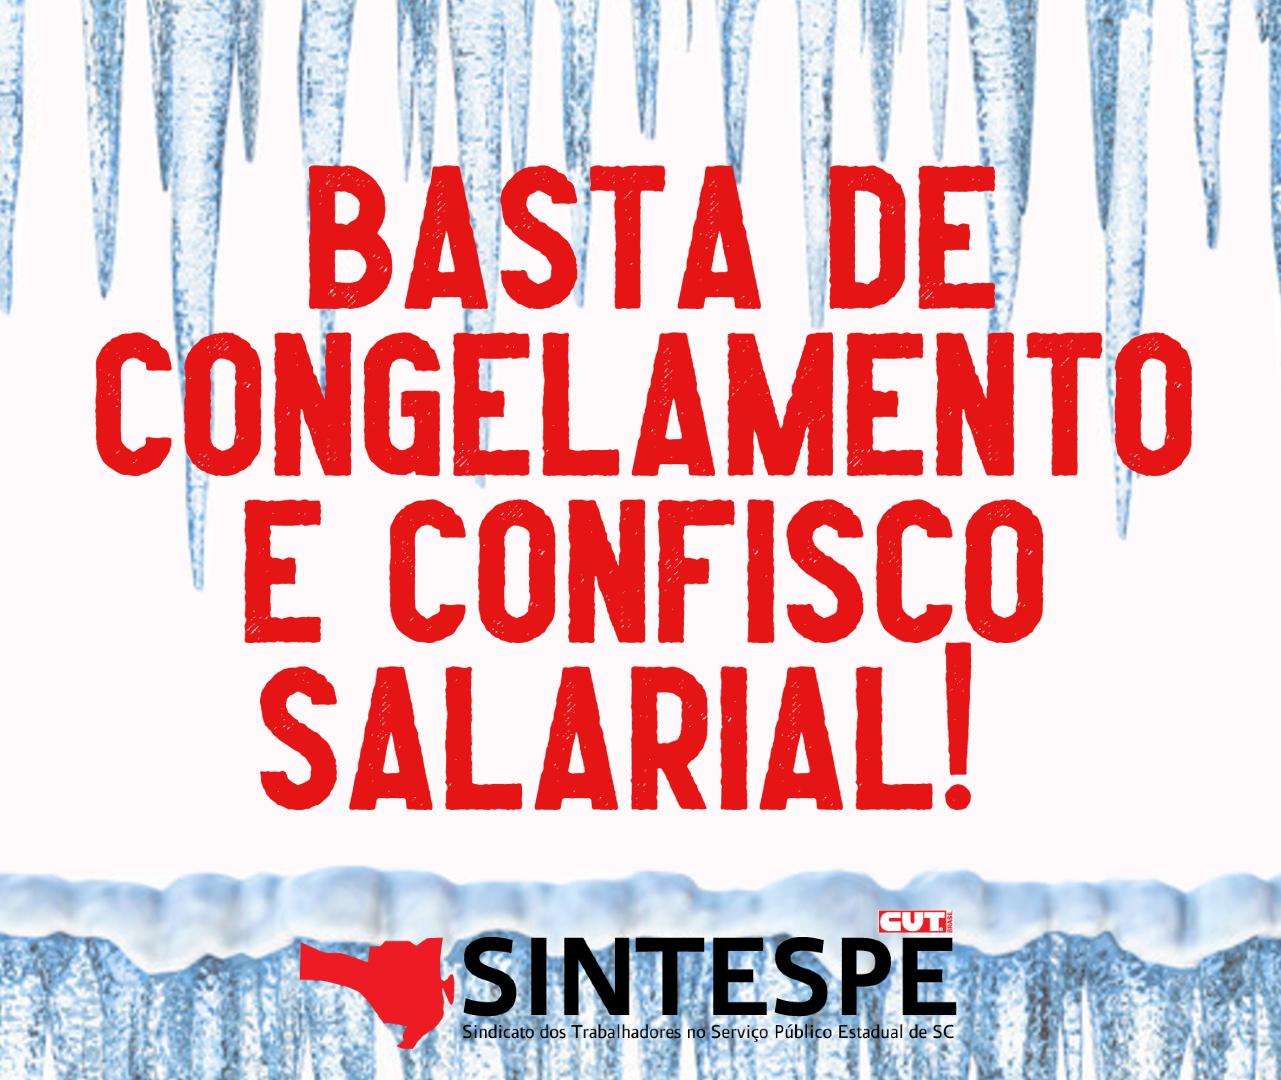 Nota oficial do Sintespe sobre o congelamento de salários